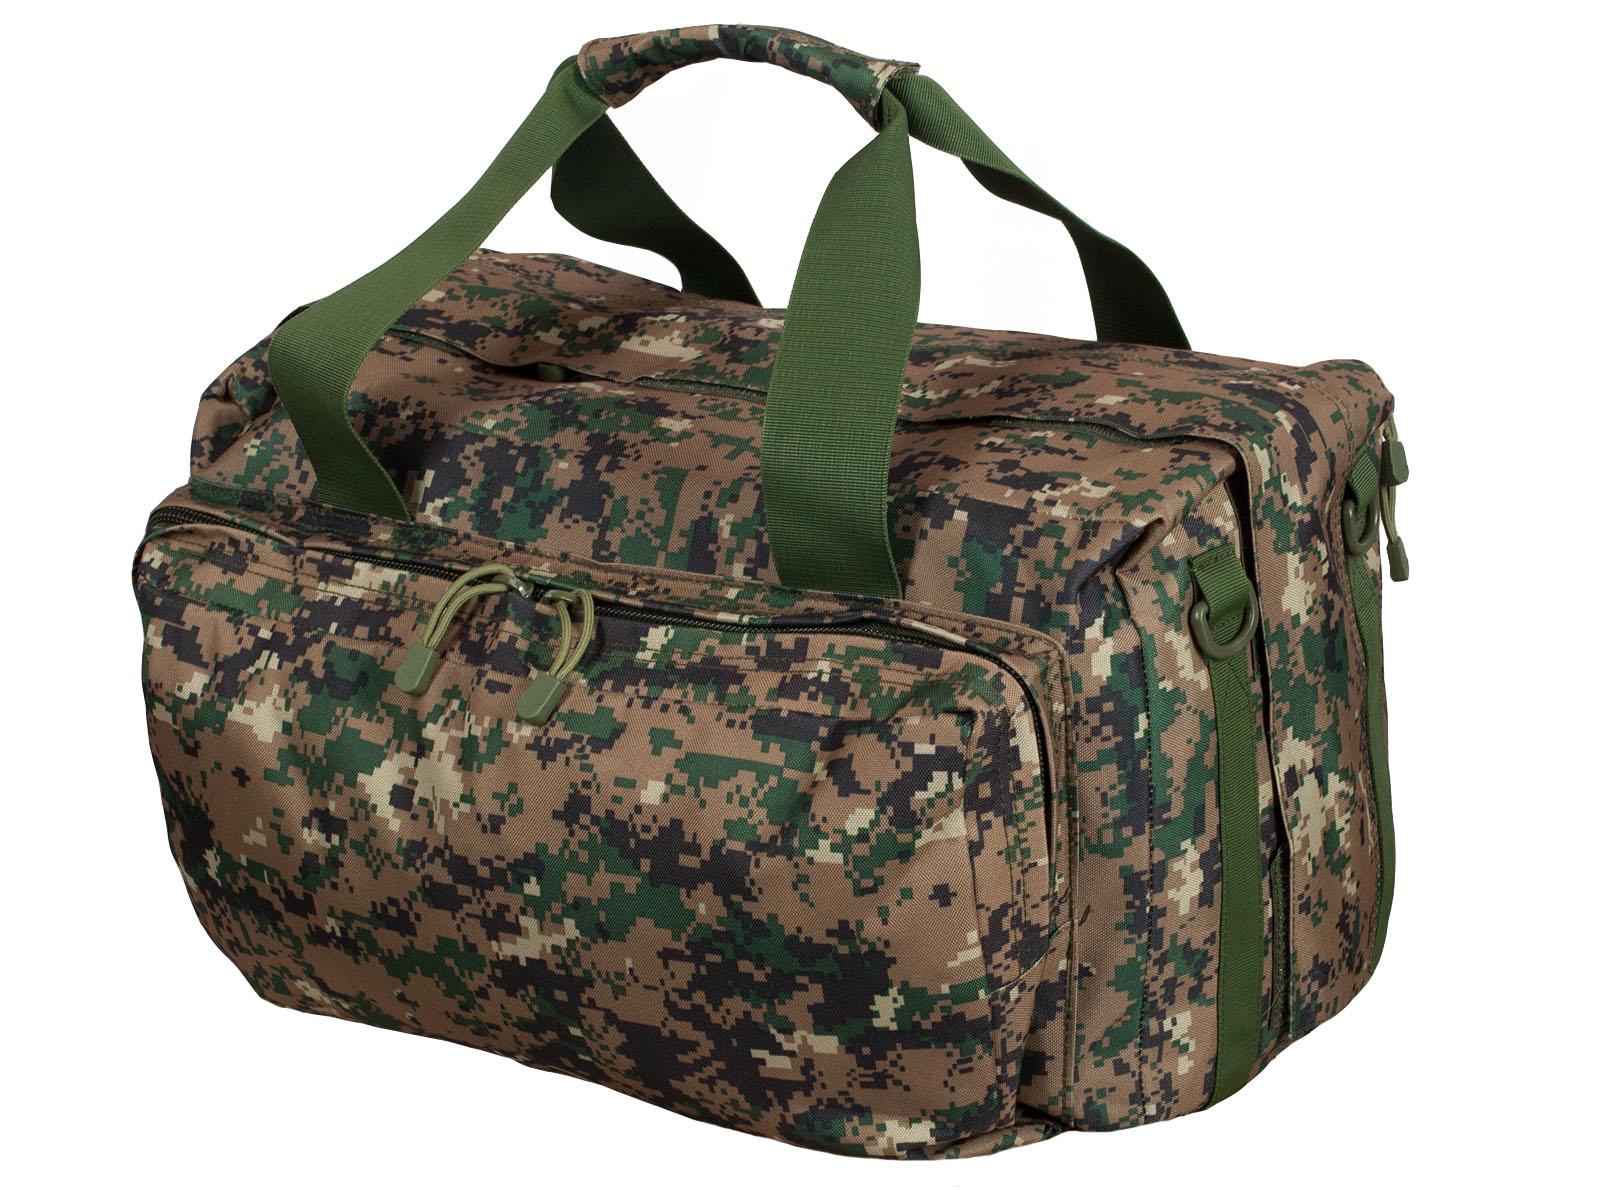 Сумки камуфляжные армейские по низким ценам с доставкой